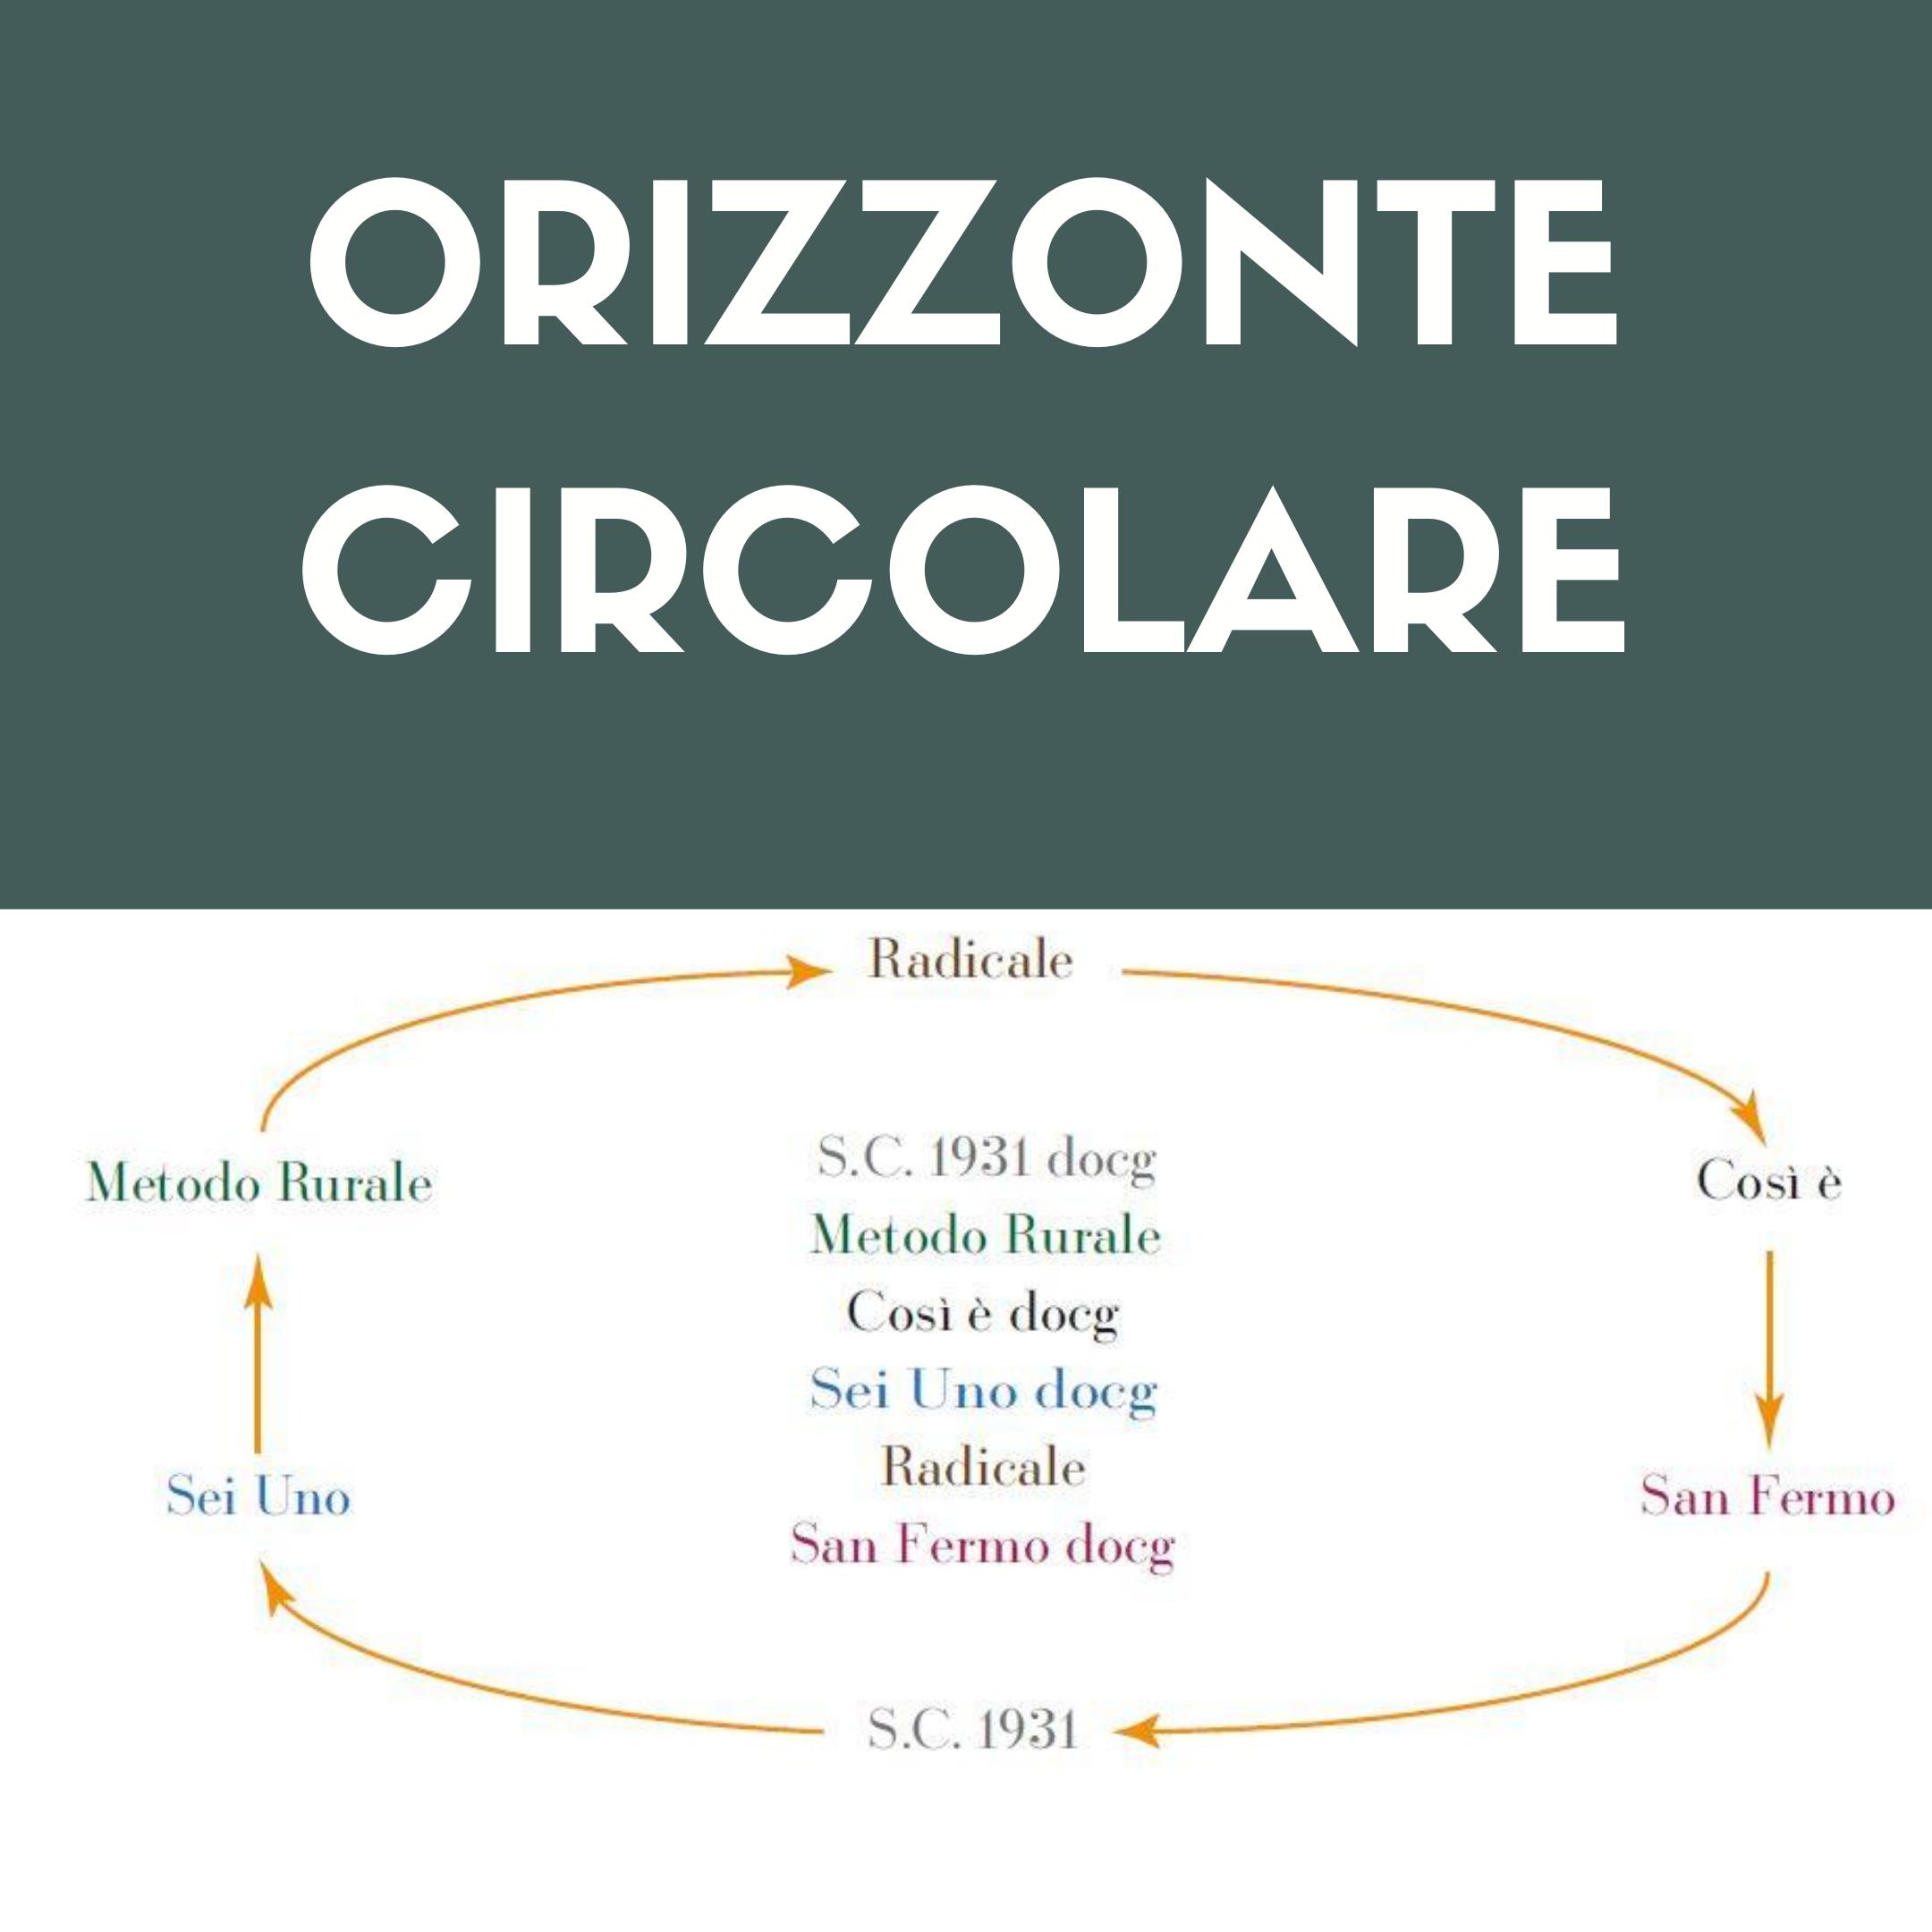 Orizzonte Circolare